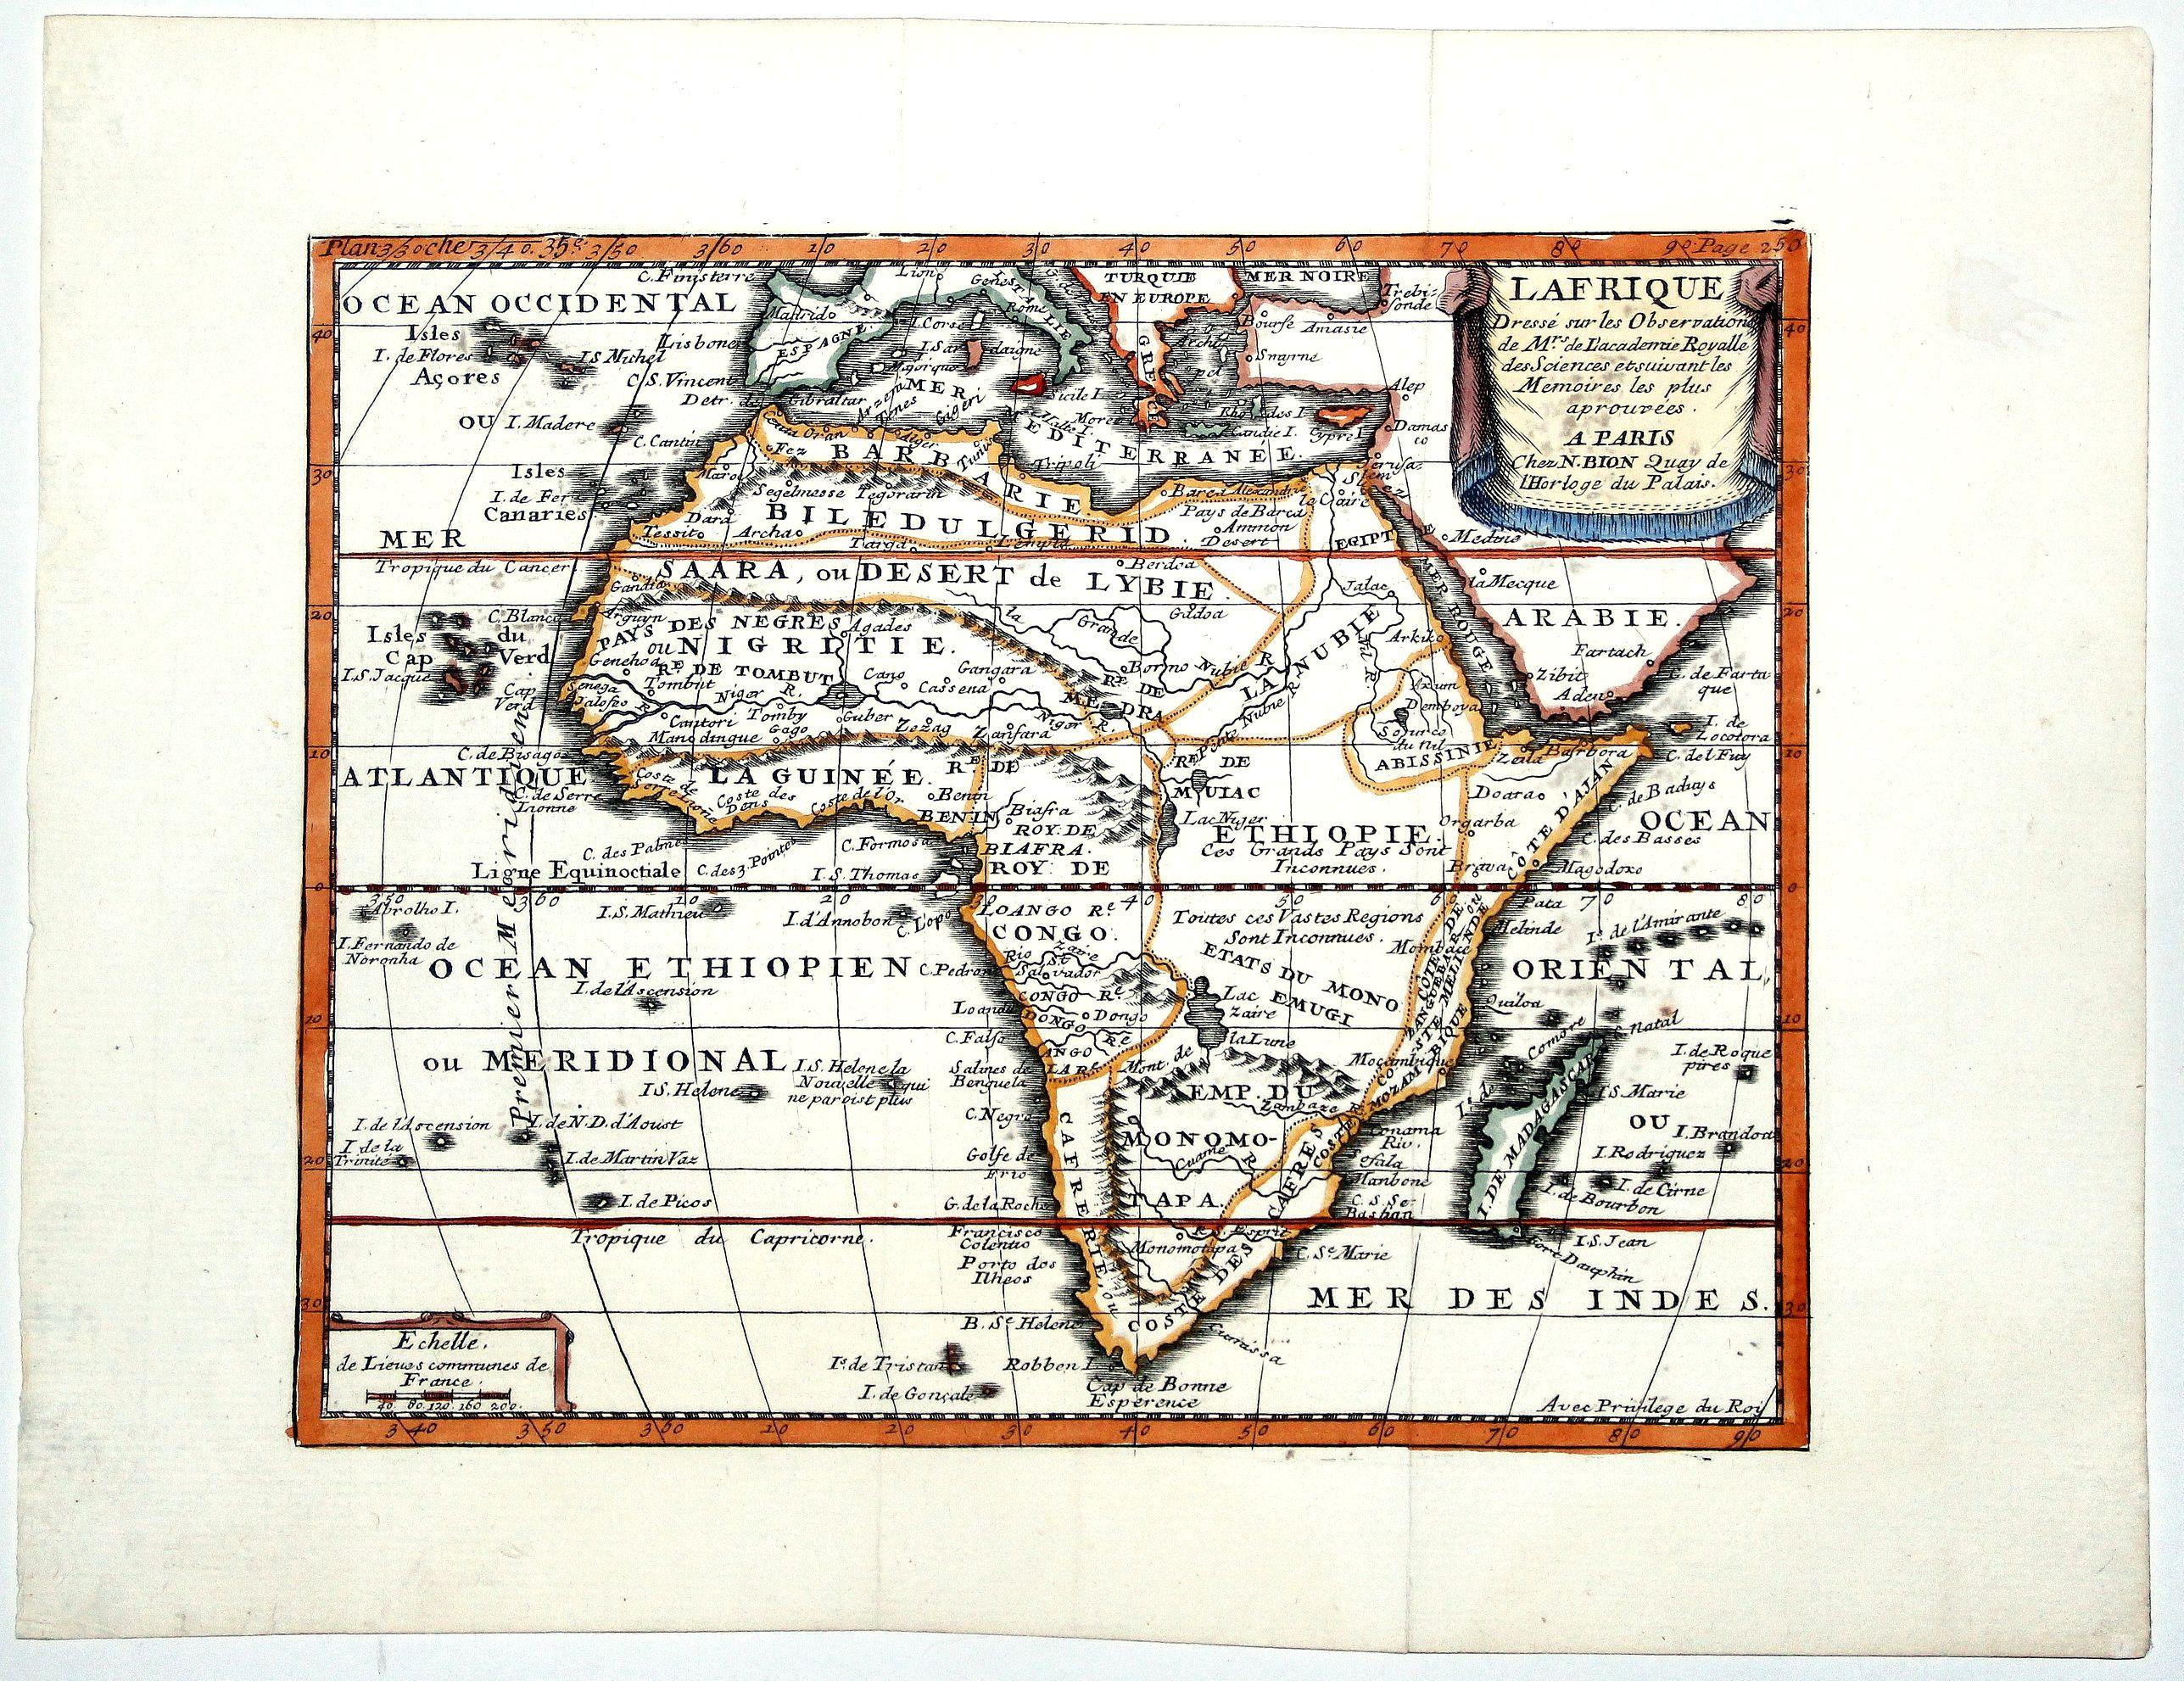 BION, N. - L AFRIQUE Dresse sur les Observations de Mrs de L'academie Royalle des Sciences...